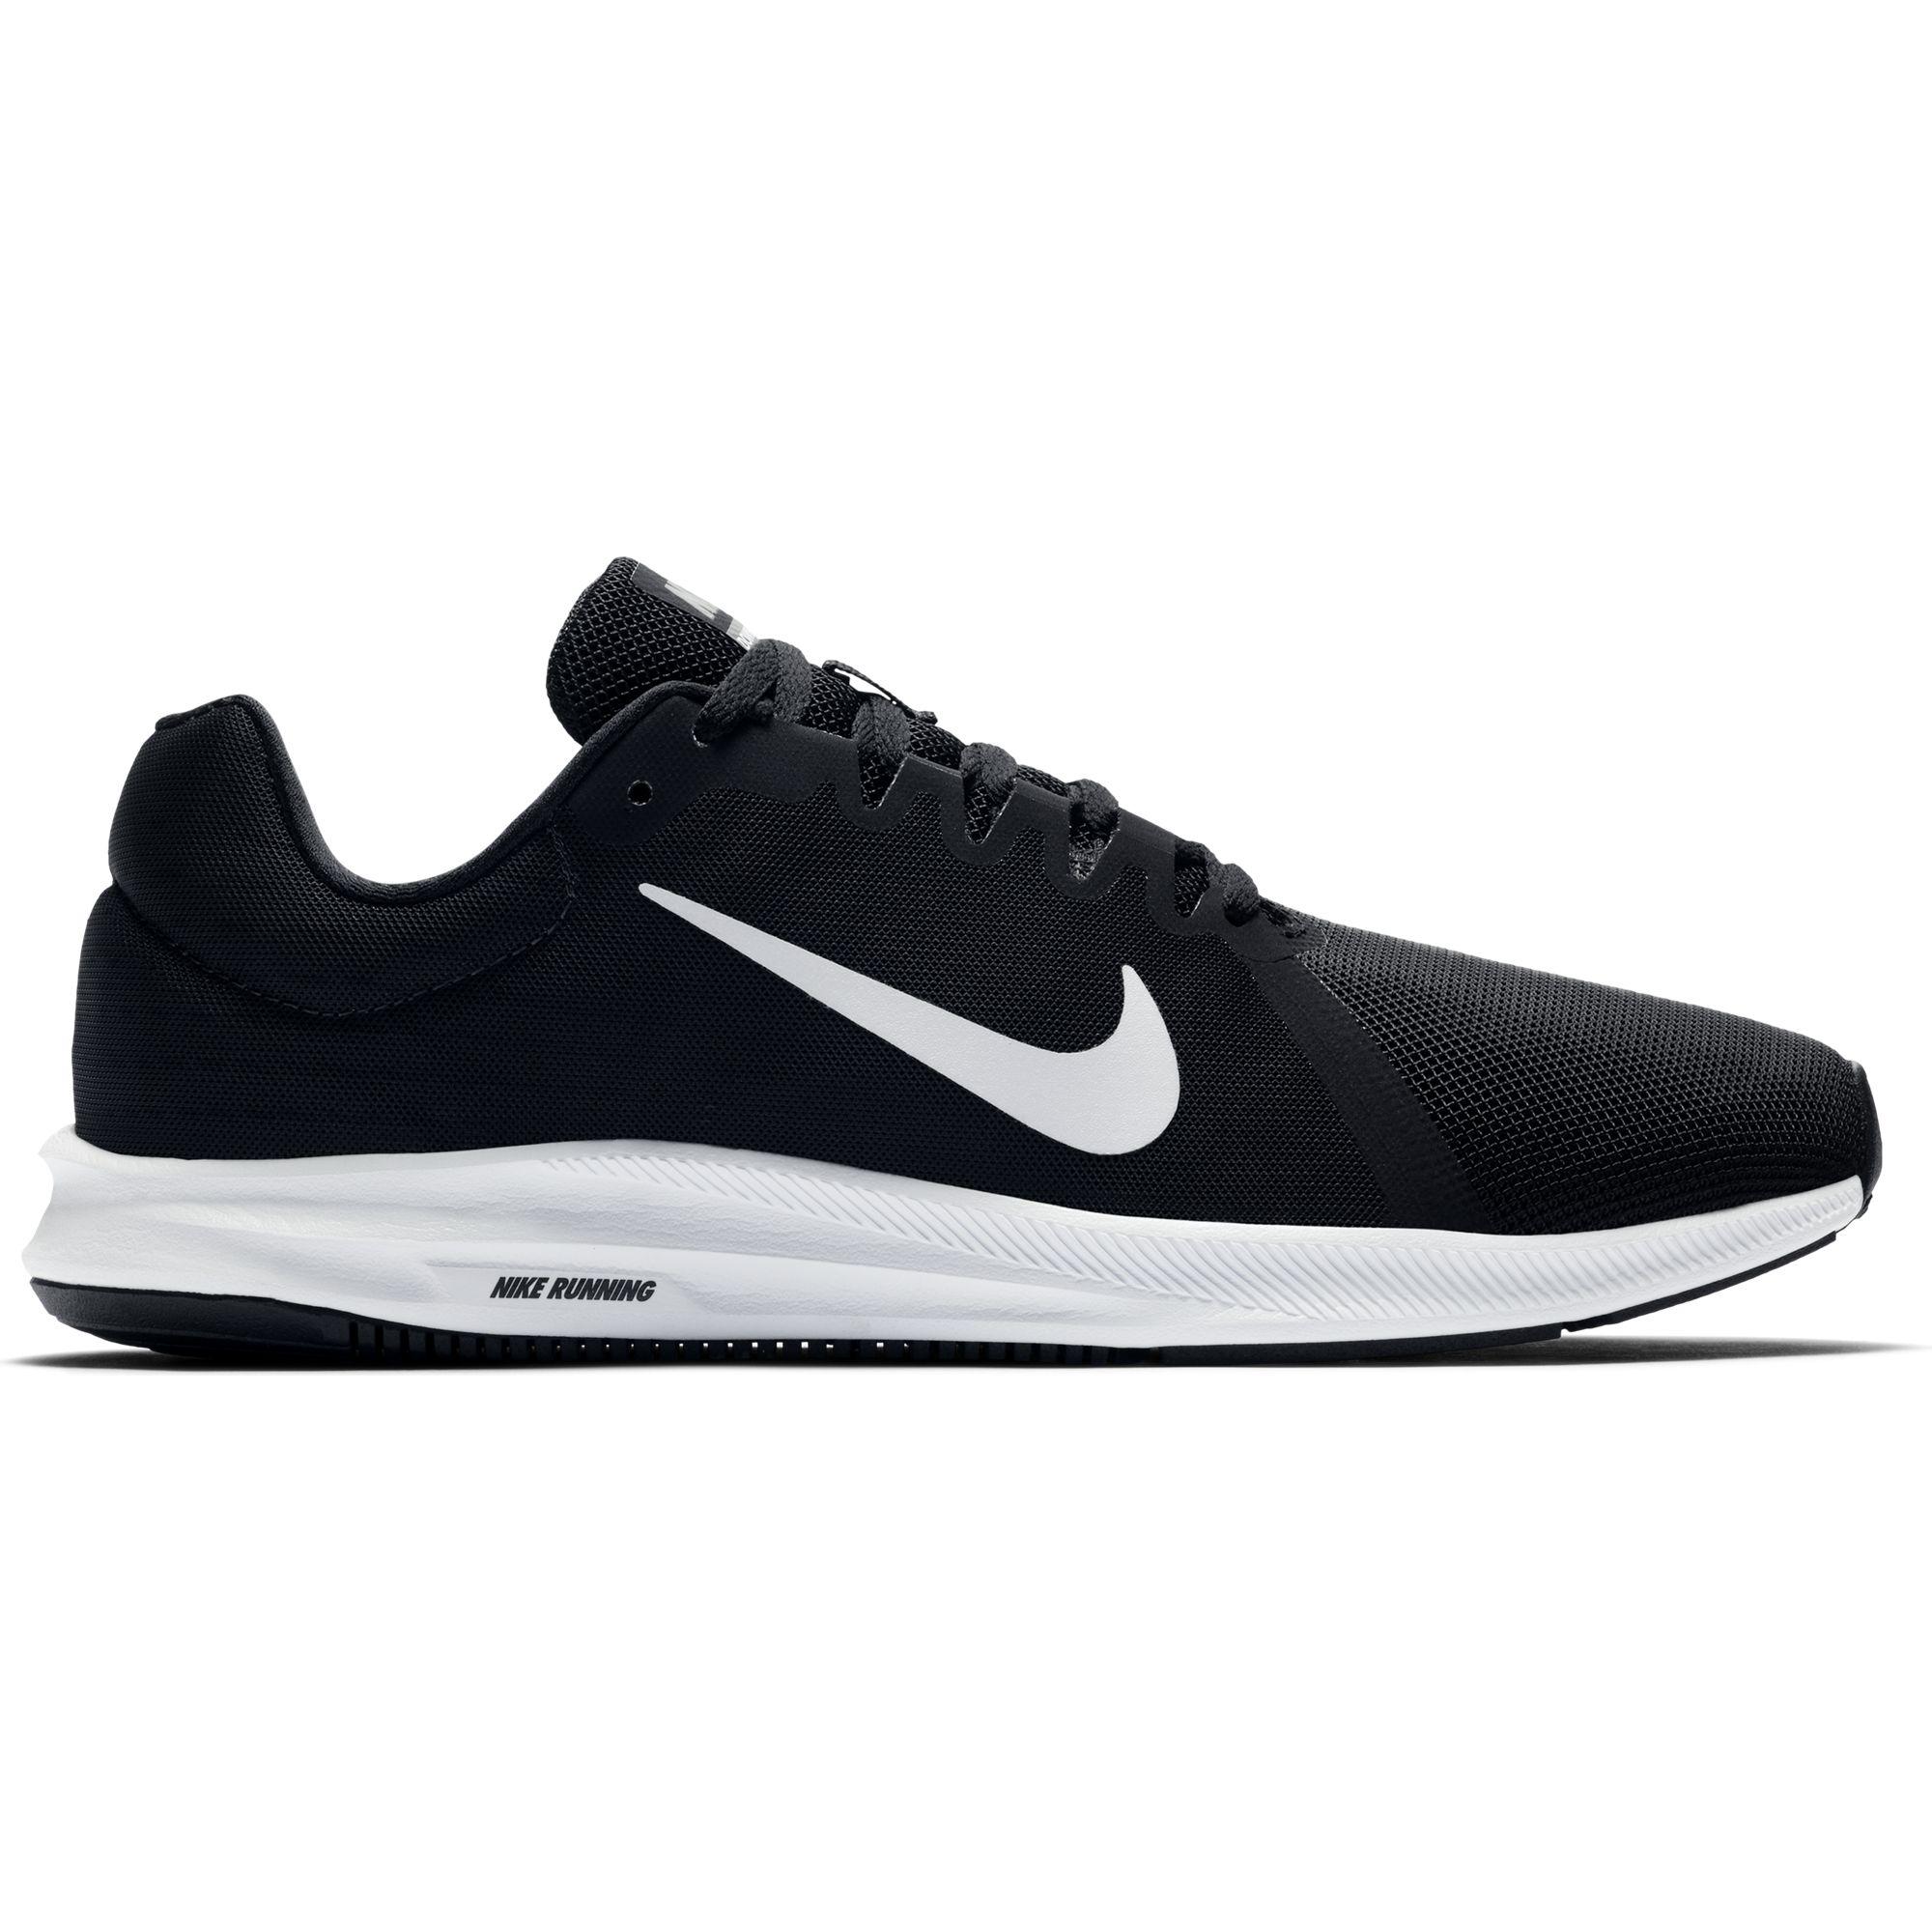 b1e662931bca Details about Men s Nike Downshifter 8 Running Shoe